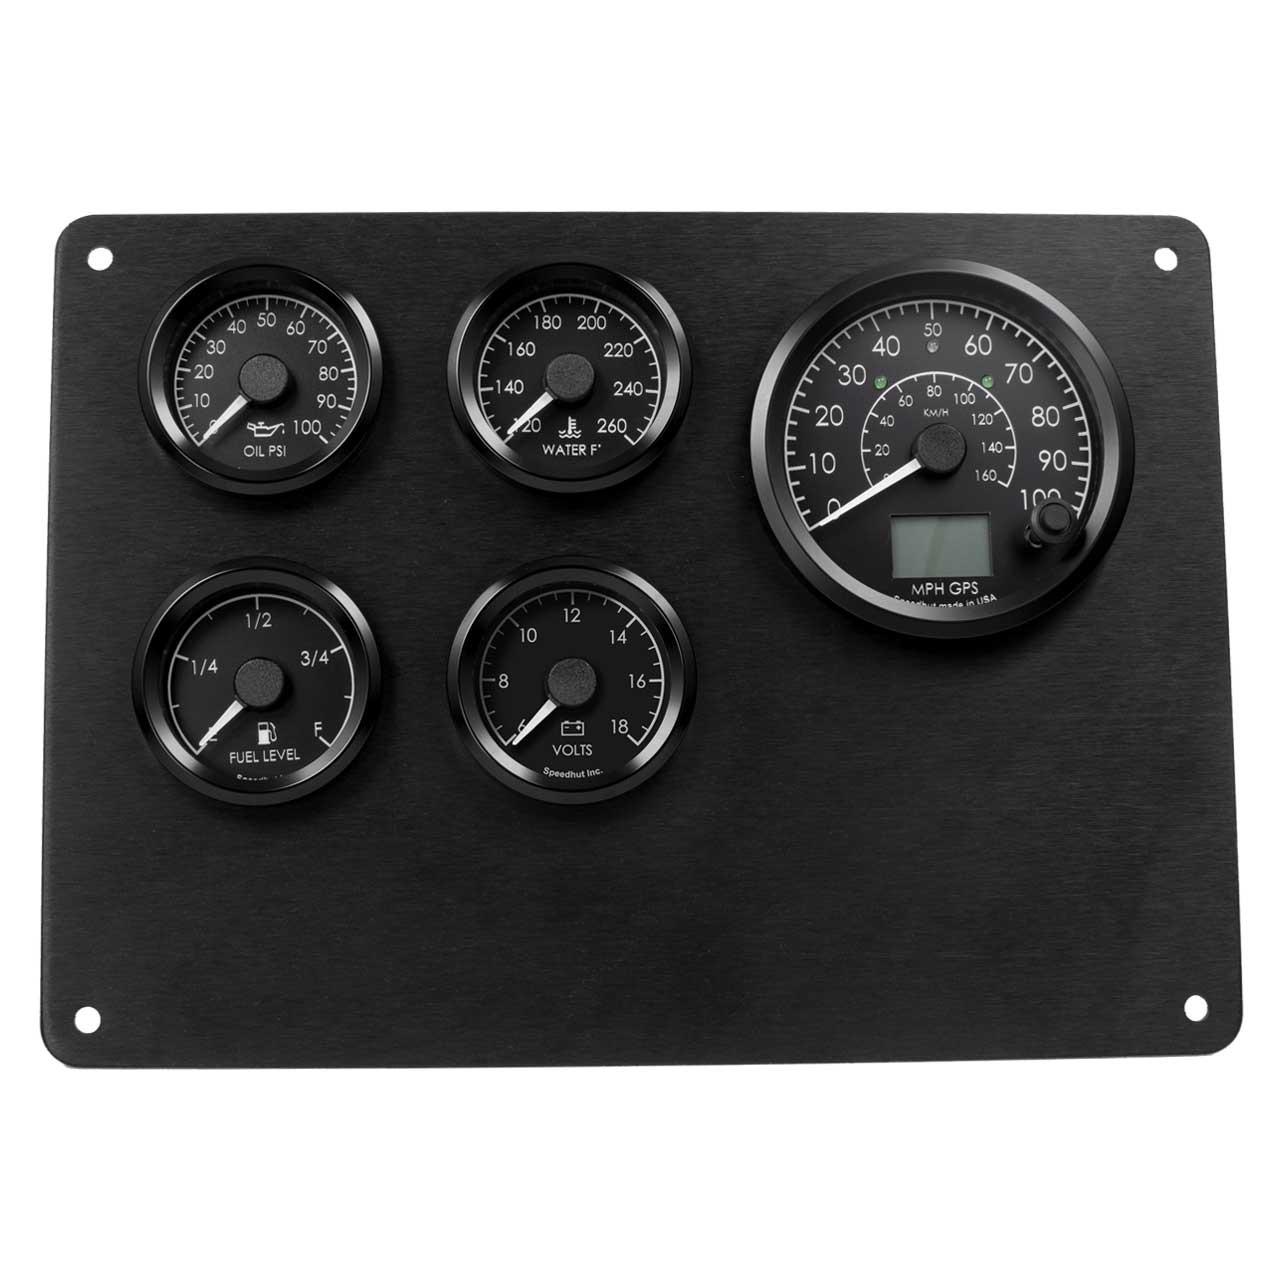 5 Gauge Kit - Humvee - GPS Speedometer, Oil psi, 6-18 Volt, Water Temp, Fuel Level